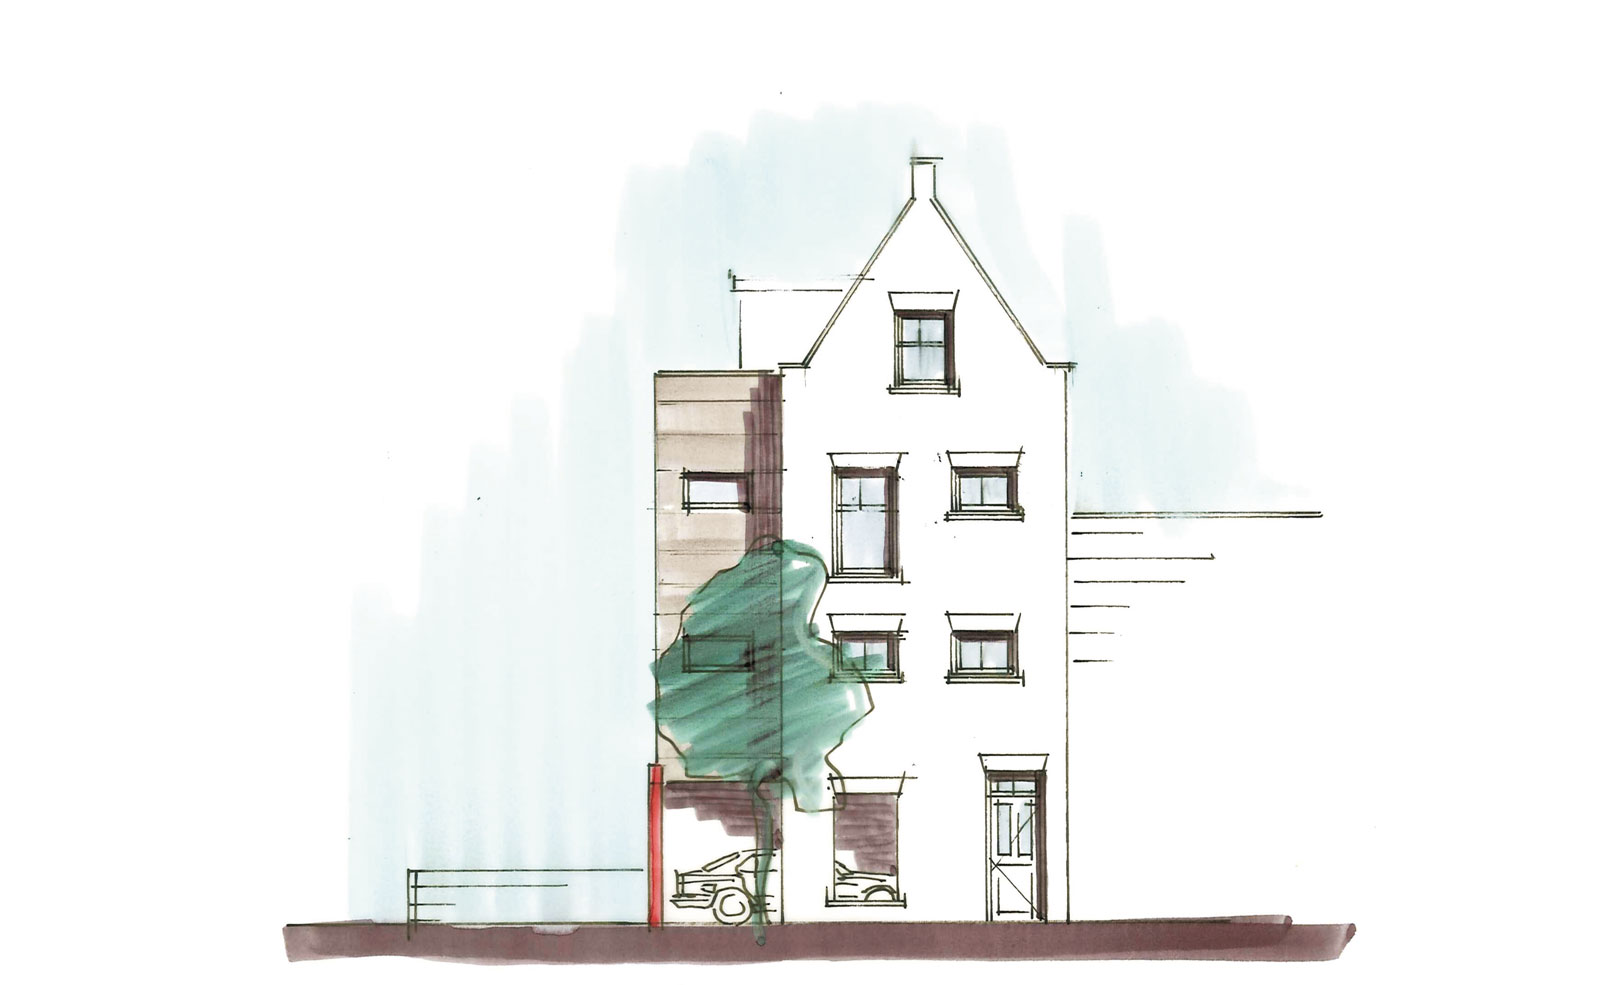 schets achtergevel - woning met praktijkruimte Ooievaarsteeg Schiedam